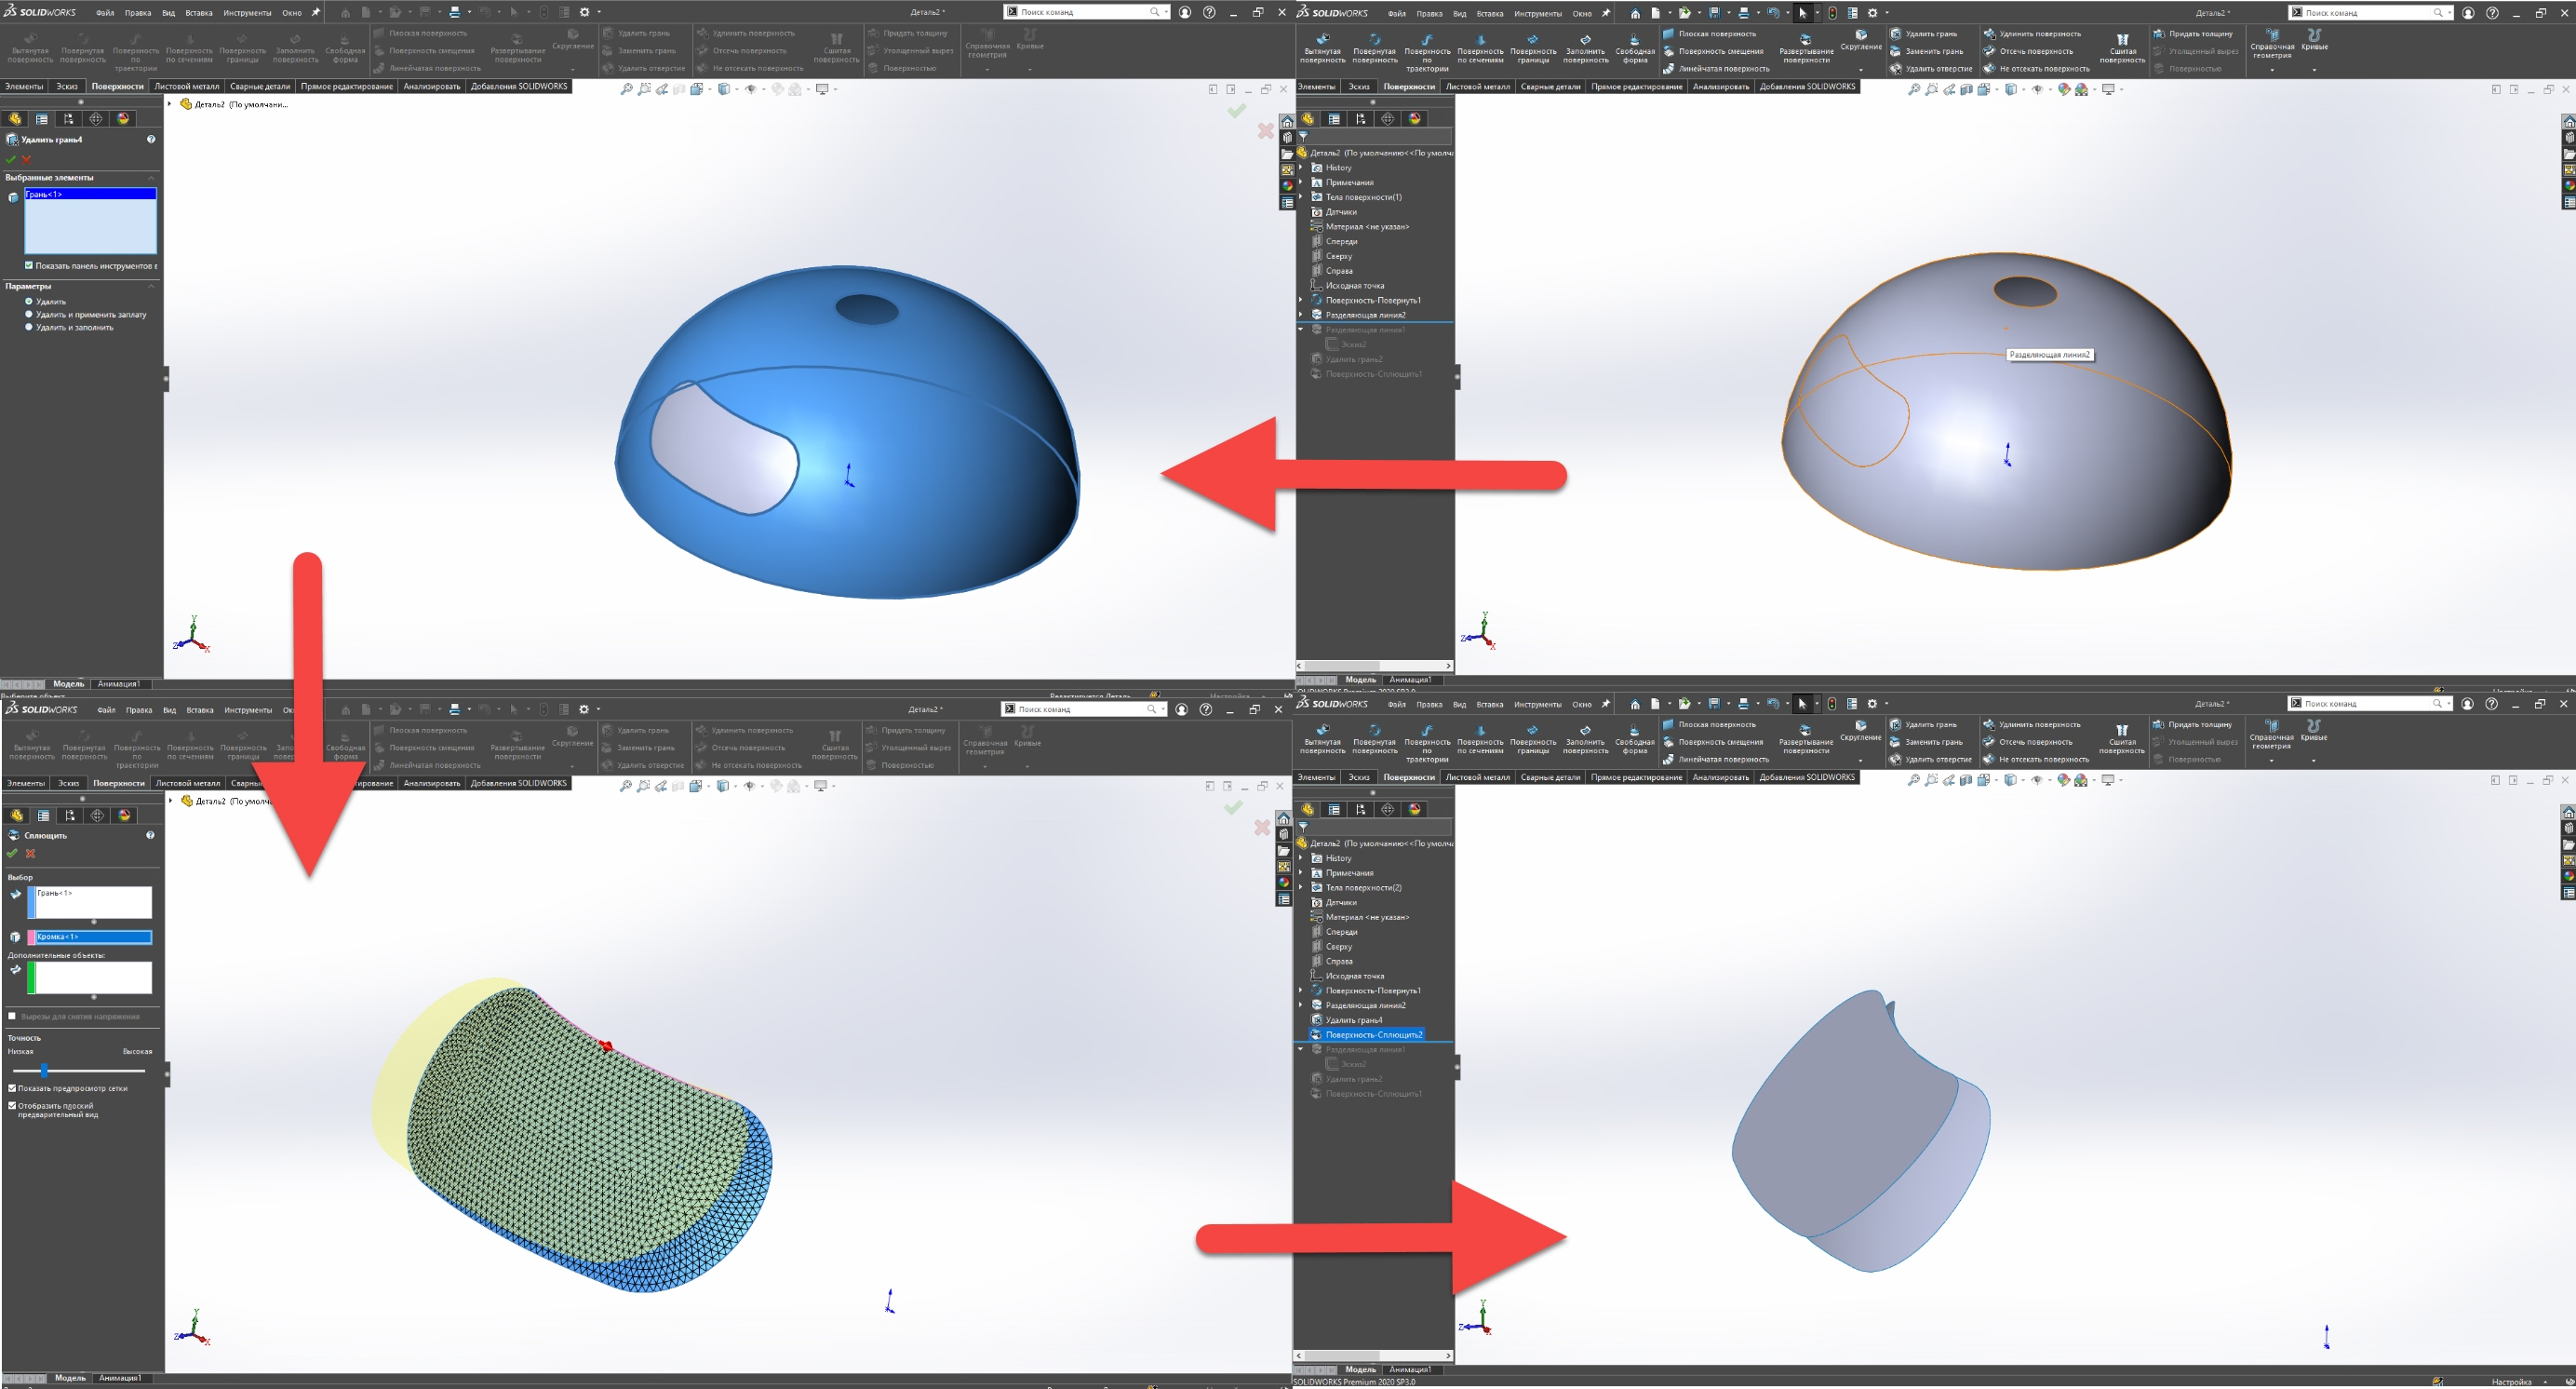 Solidworks поверхности, Solidworks инструменты поверхностного проектирования, Solidworks  развертывание поверхности, Solidworks развертка, развертка